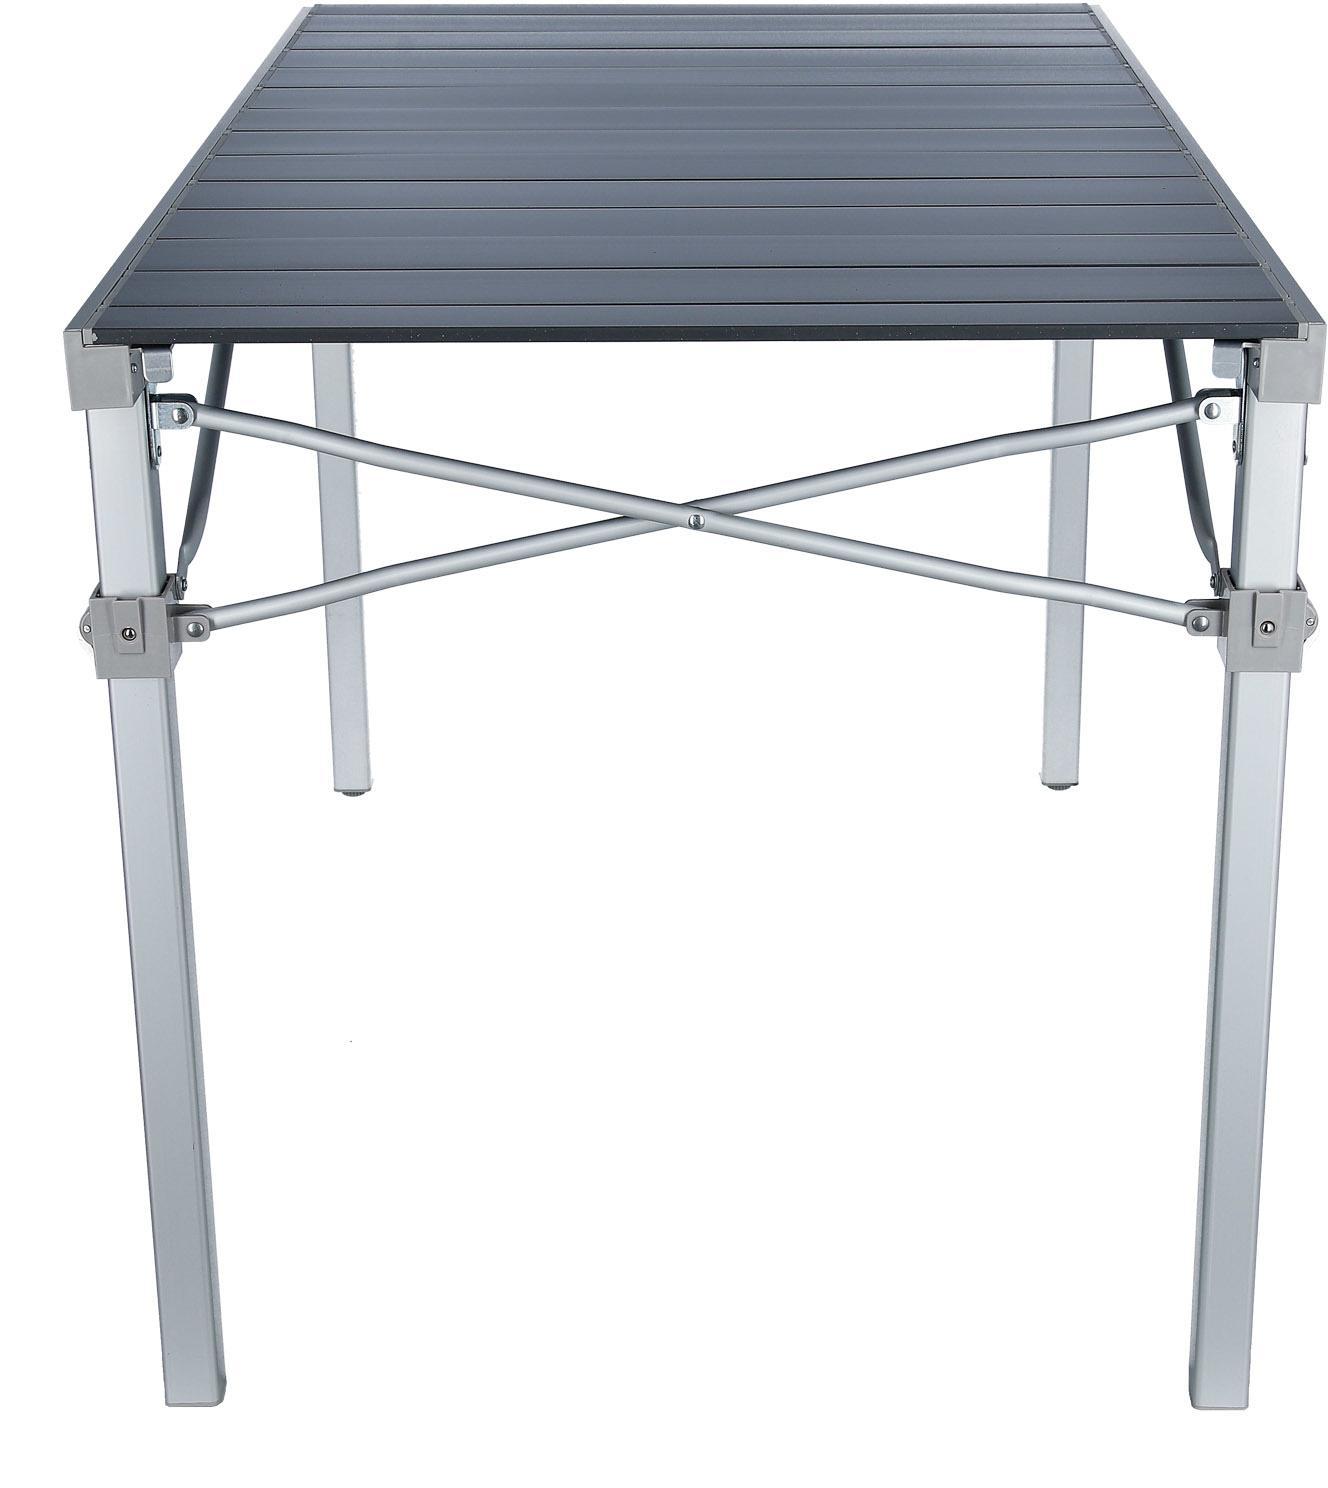 BRUNNER 0406069N Campingtisch titanium quadra grau